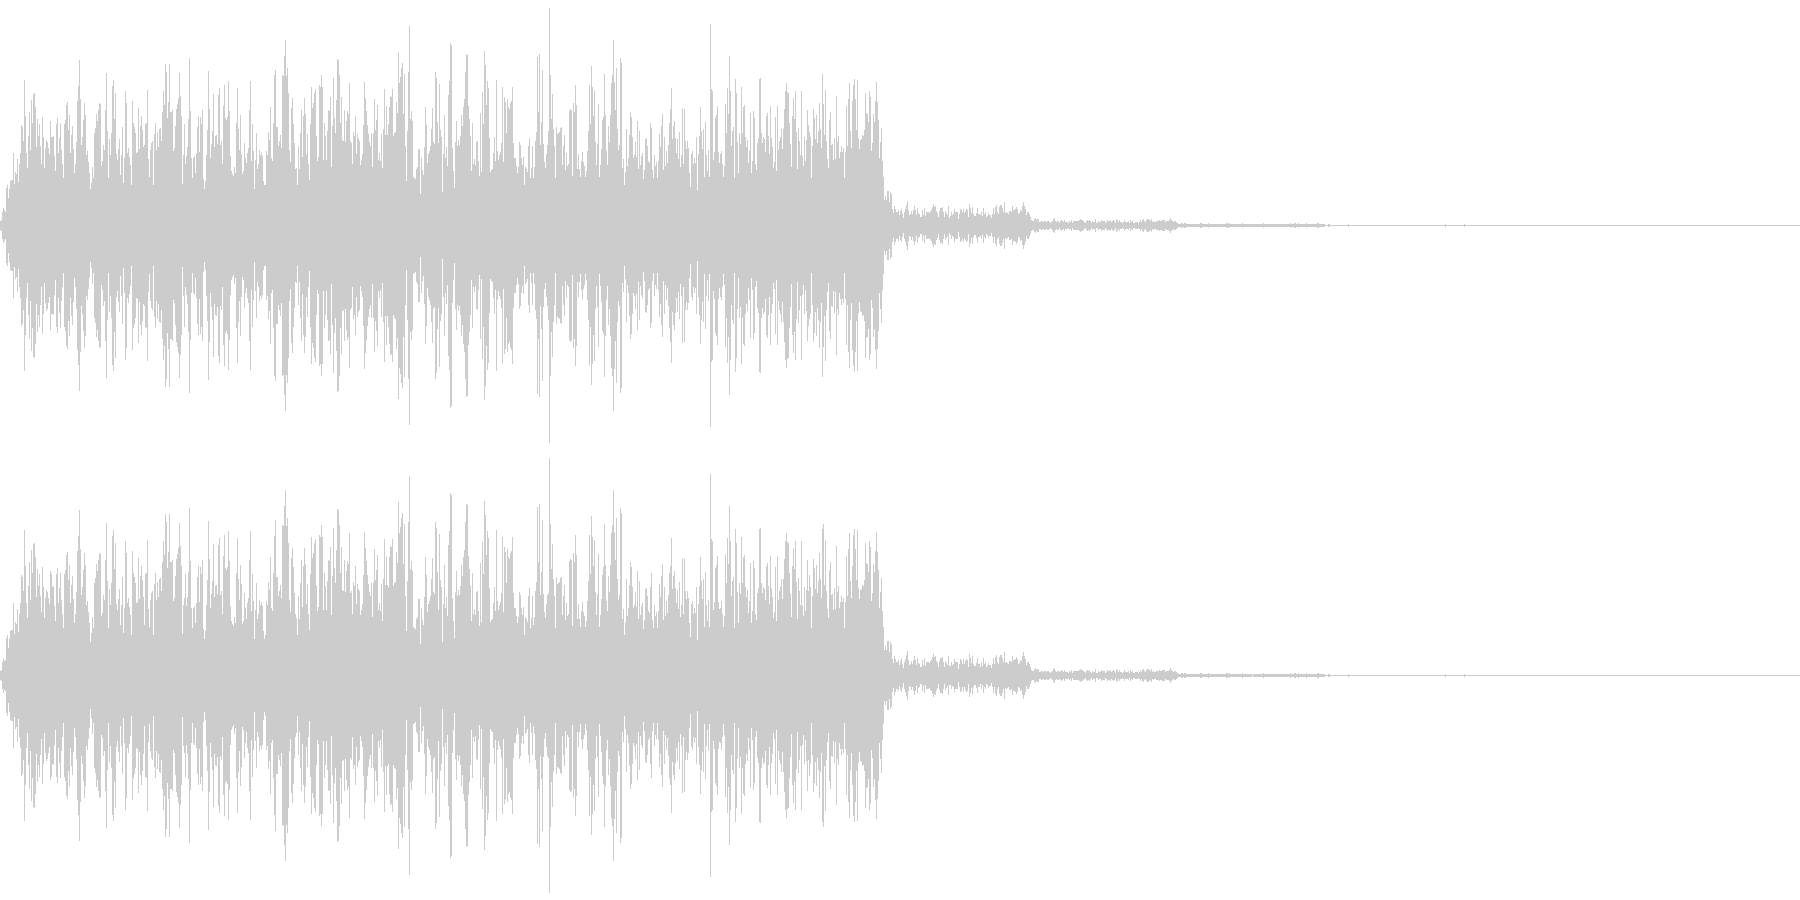 何かを注入するようなイメージの擬音です。の未再生の波形